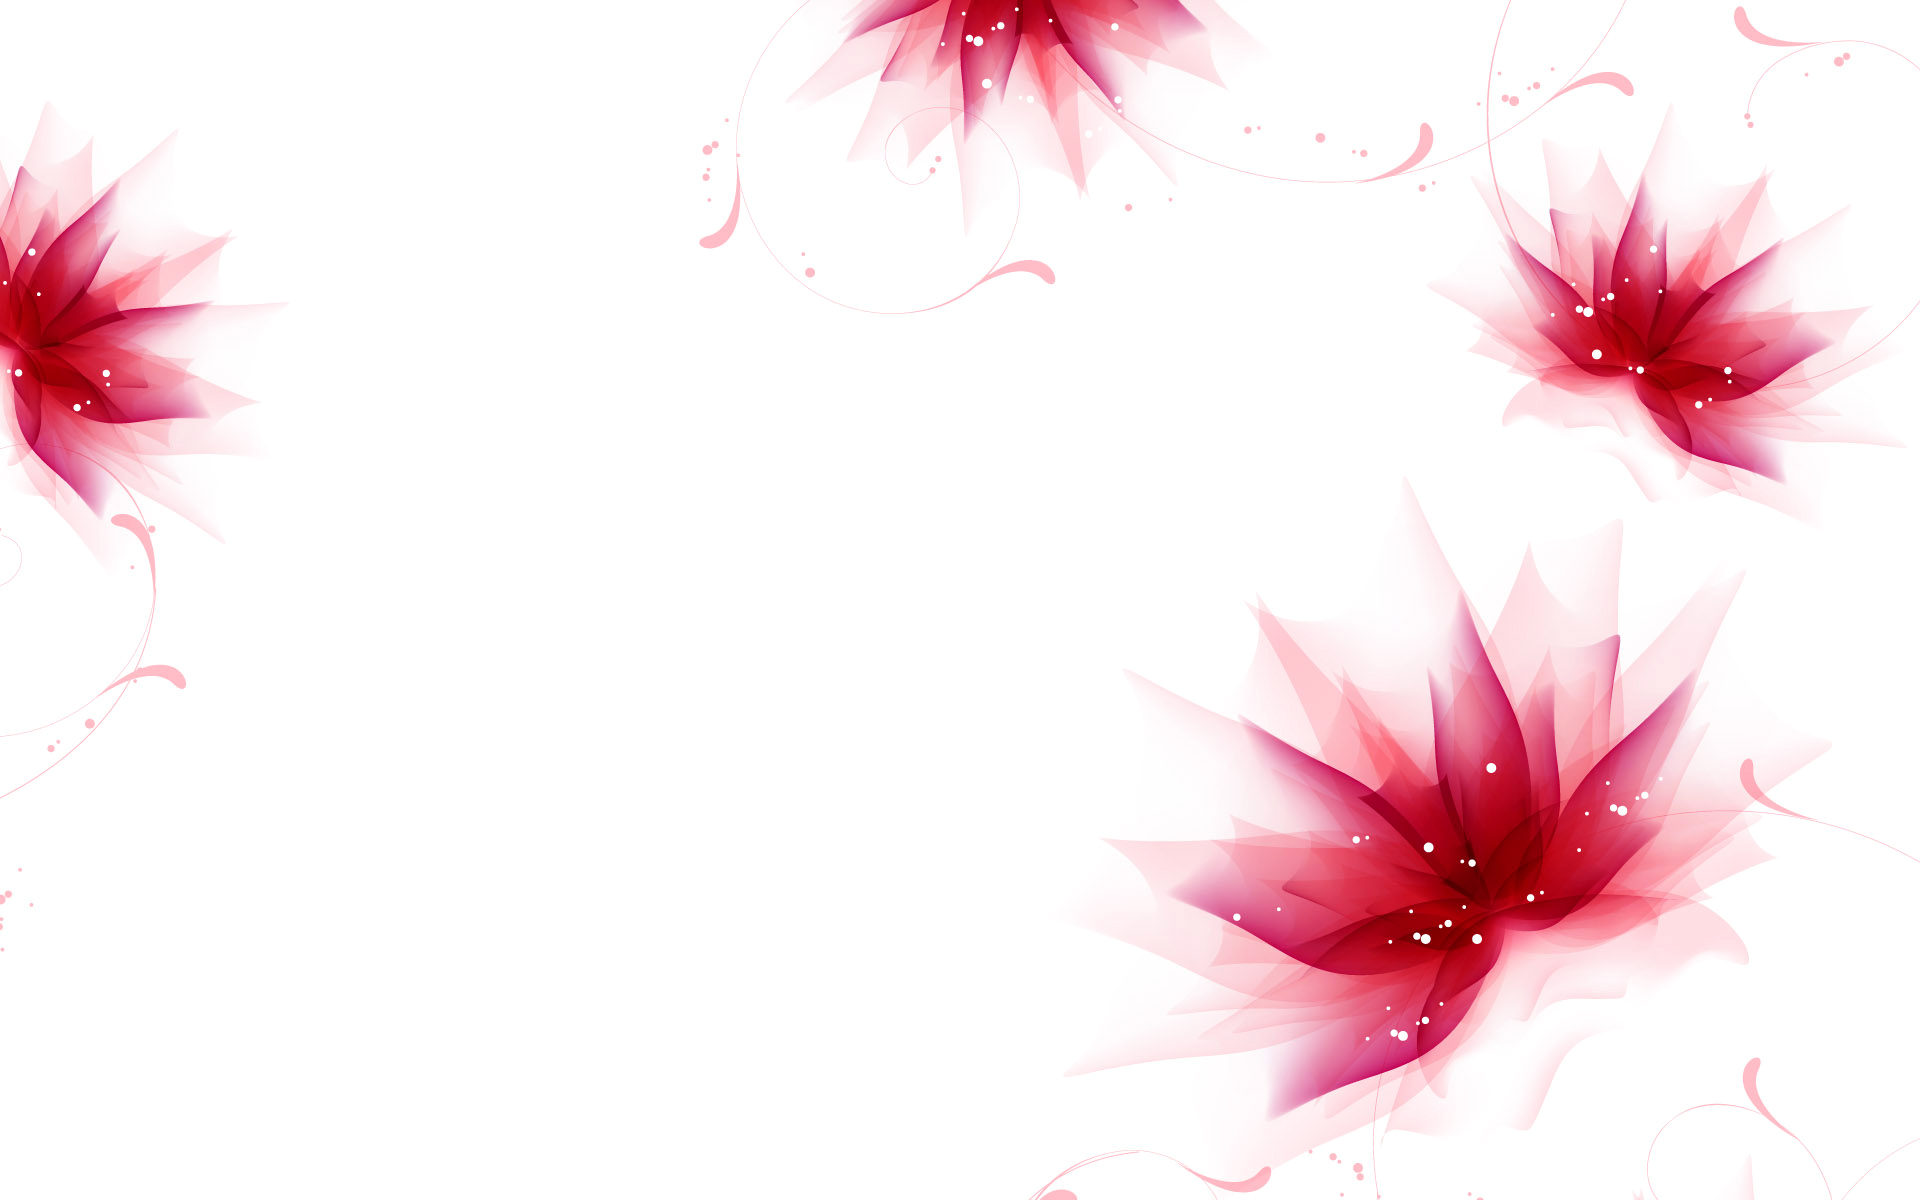 Картинка для сайта по бокам